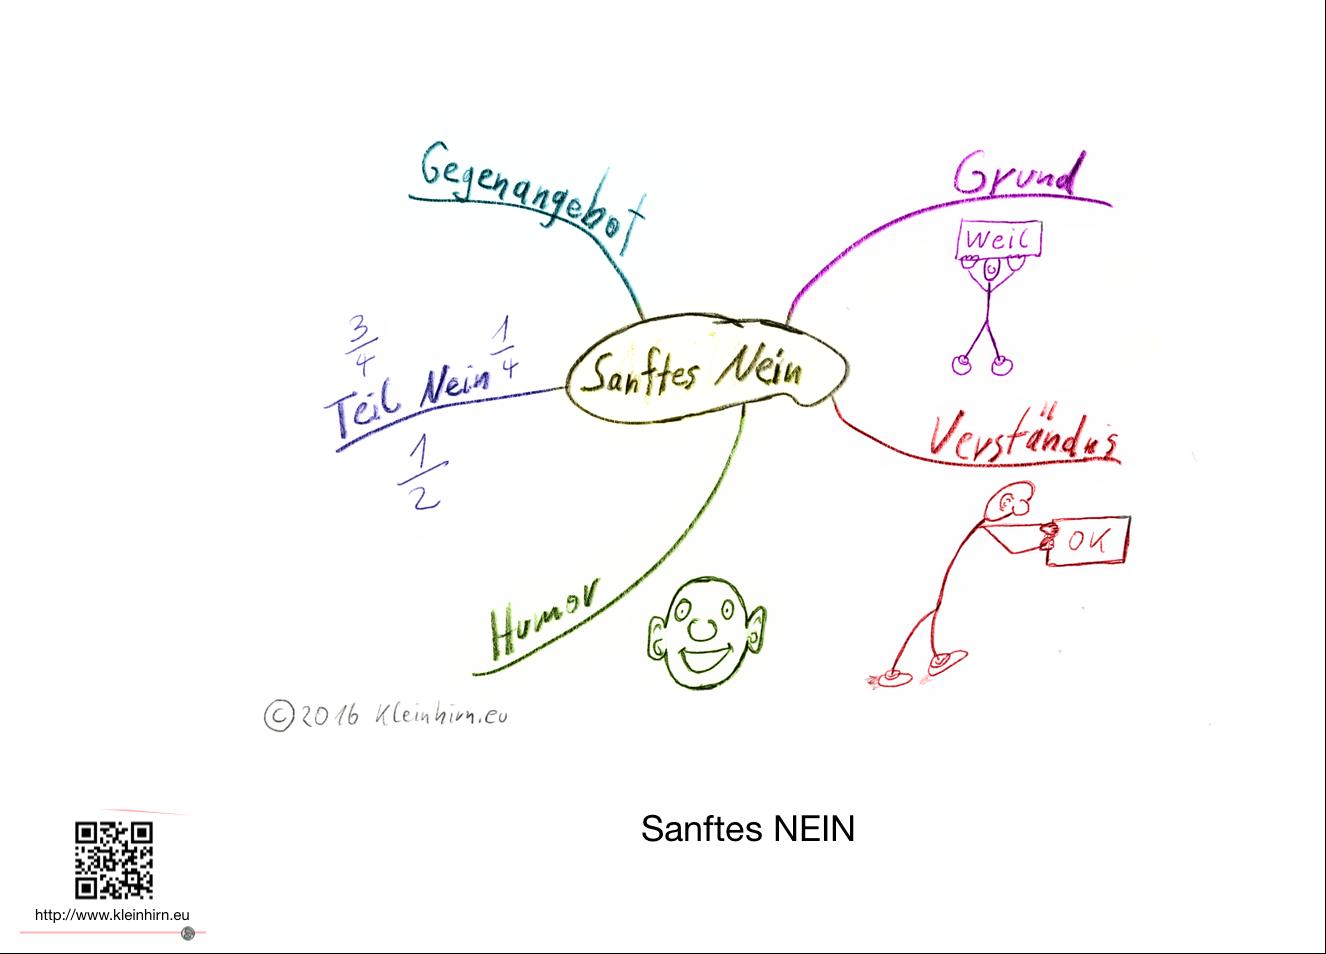 sanftes-nein